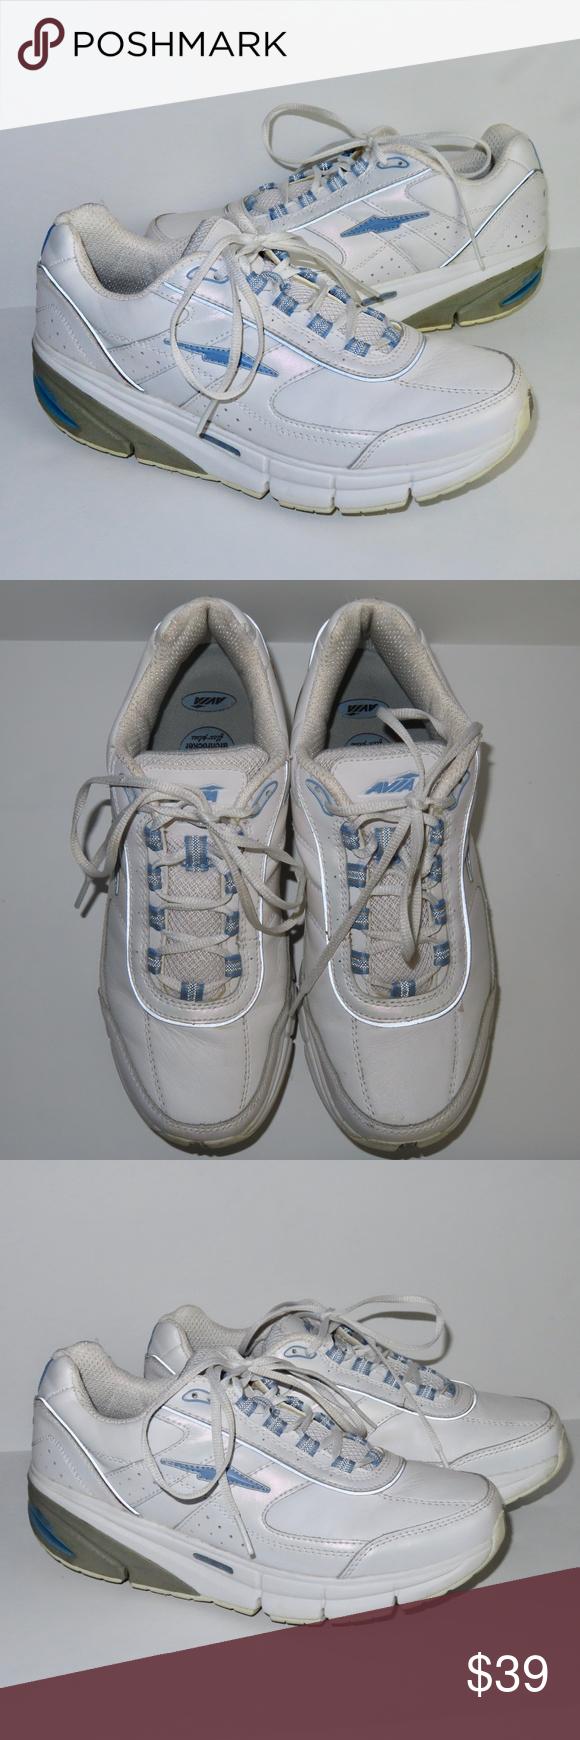 Avia Arch Rocker Walking Shoes 8.5 Flex